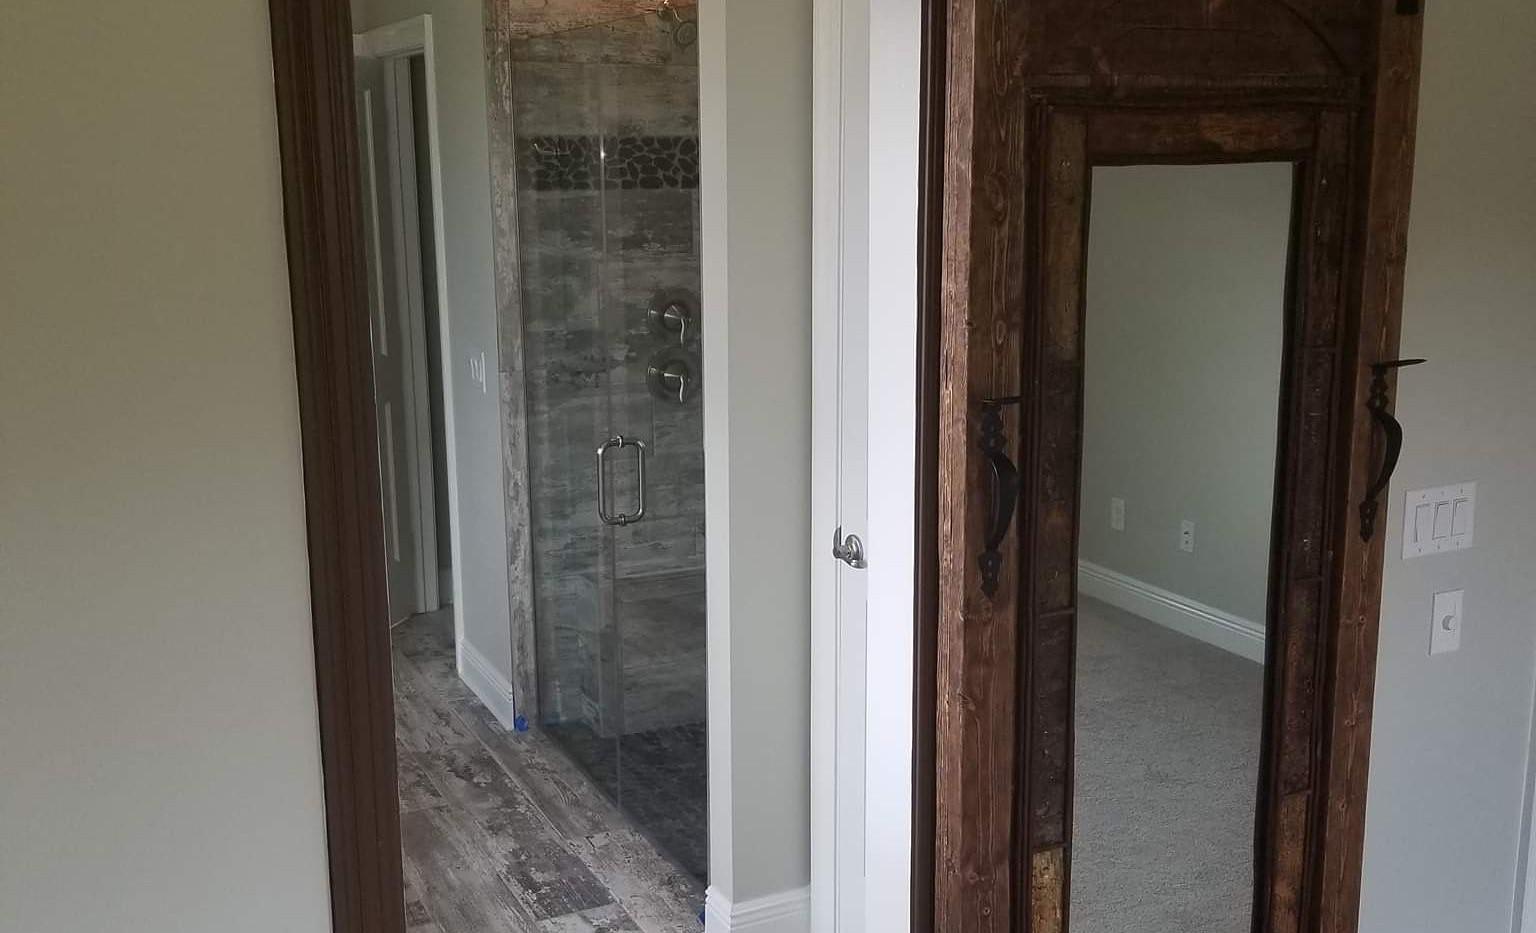 Rustic Door With the Mirror